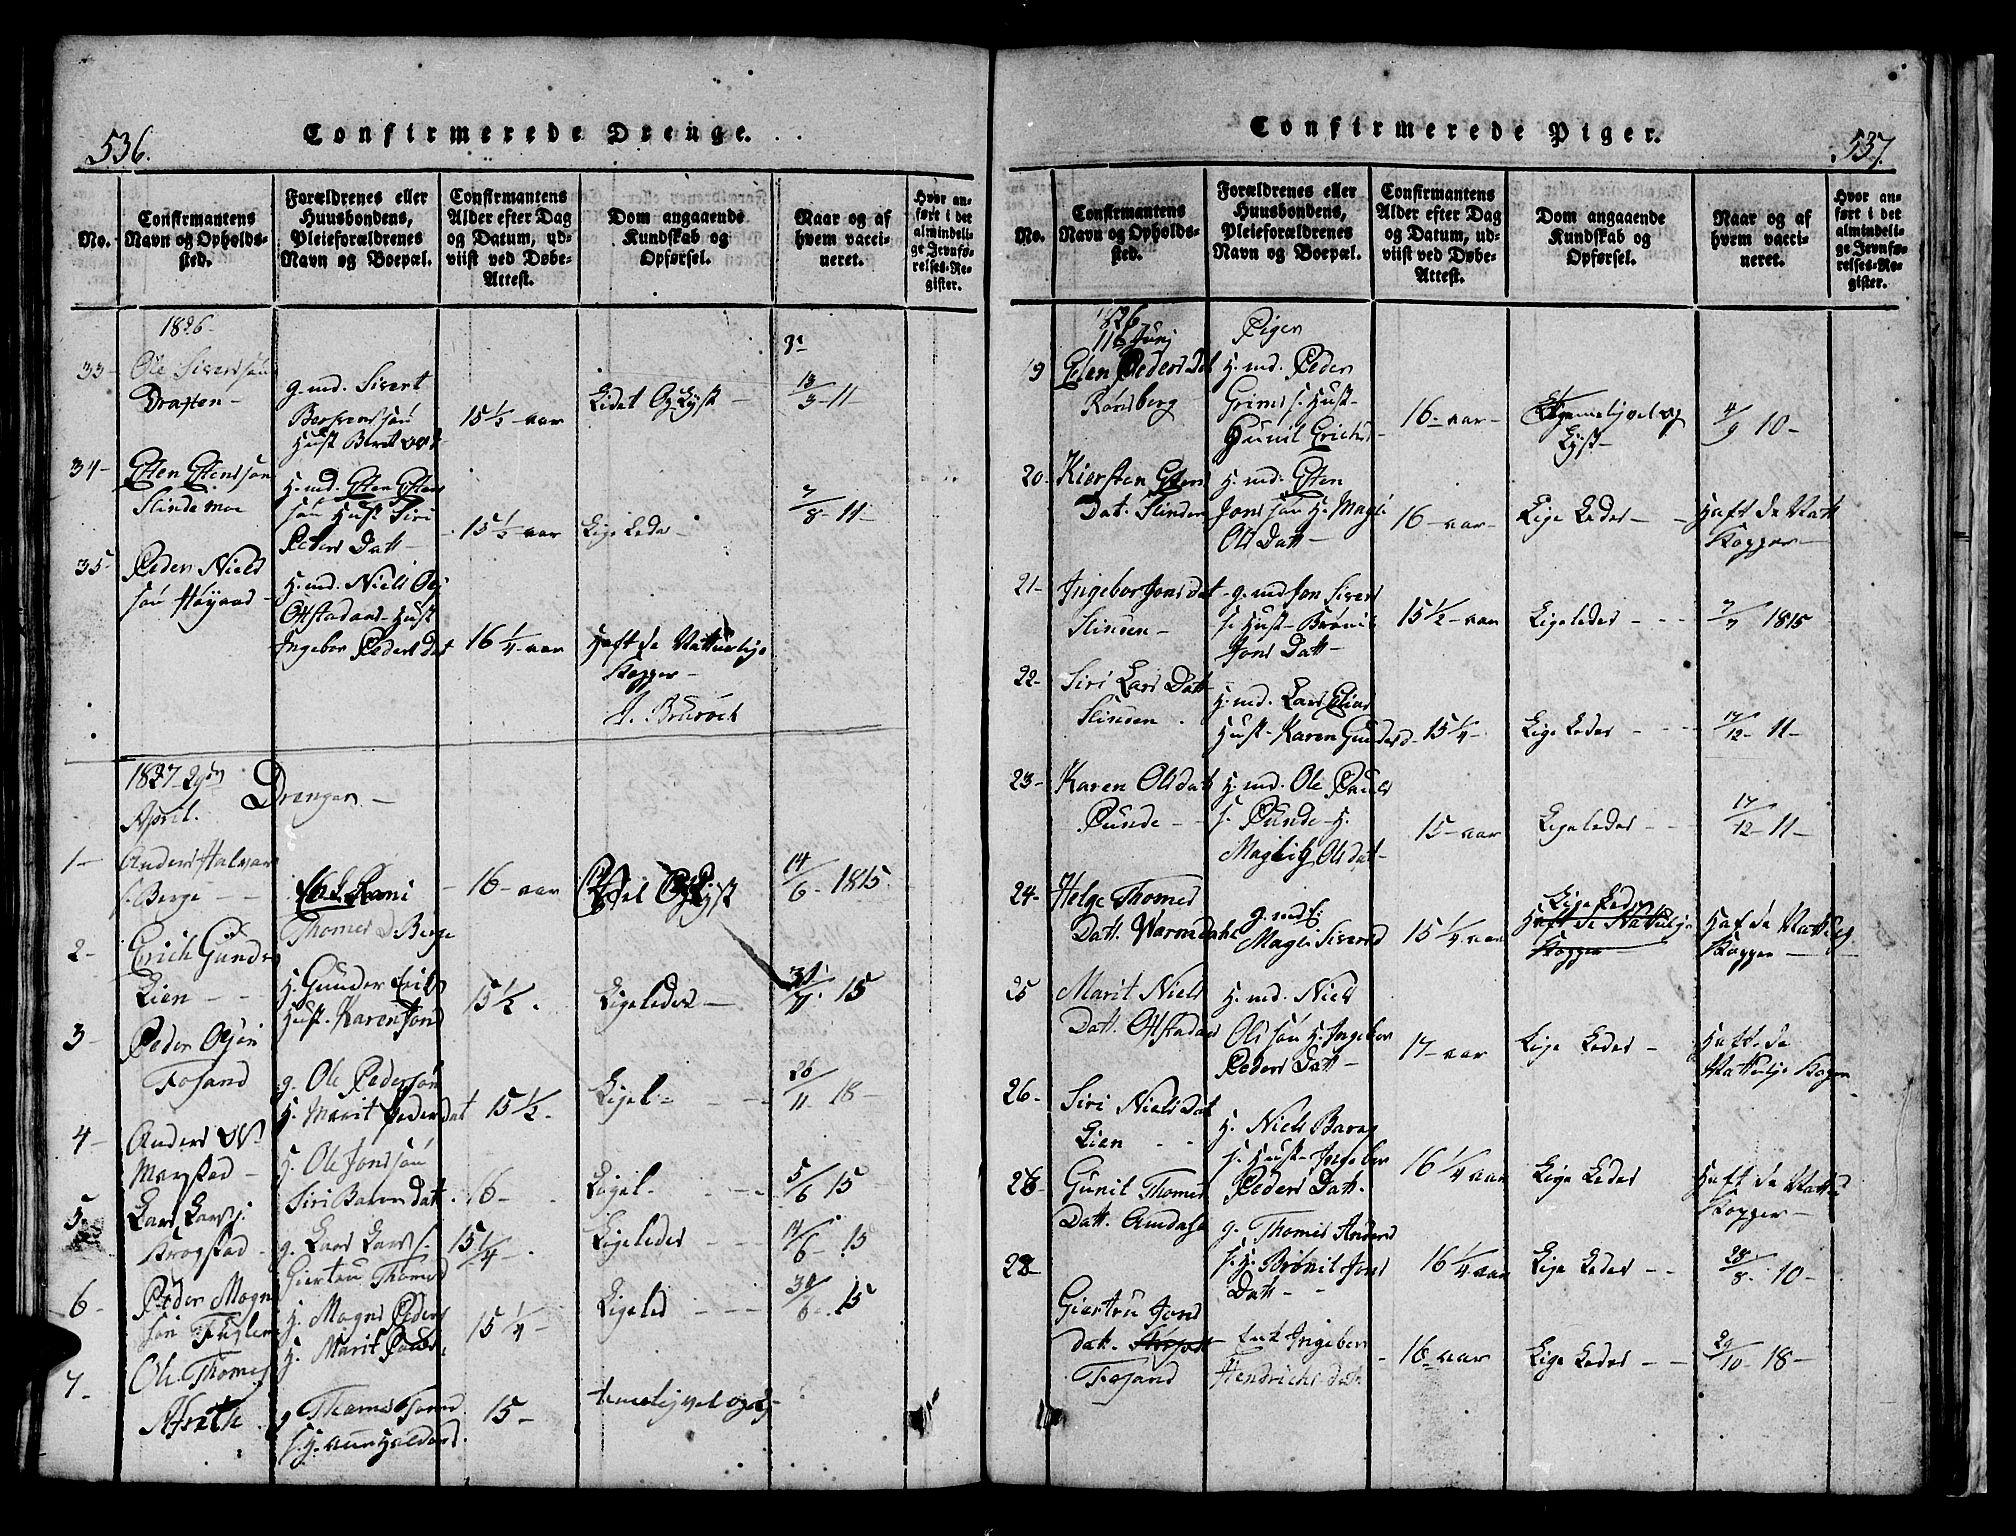 SAT, Ministerialprotokoller, klokkerbøker og fødselsregistre - Sør-Trøndelag, 695/L1152: Klokkerbok nr. 695C03, 1816-1831, s. 536-537